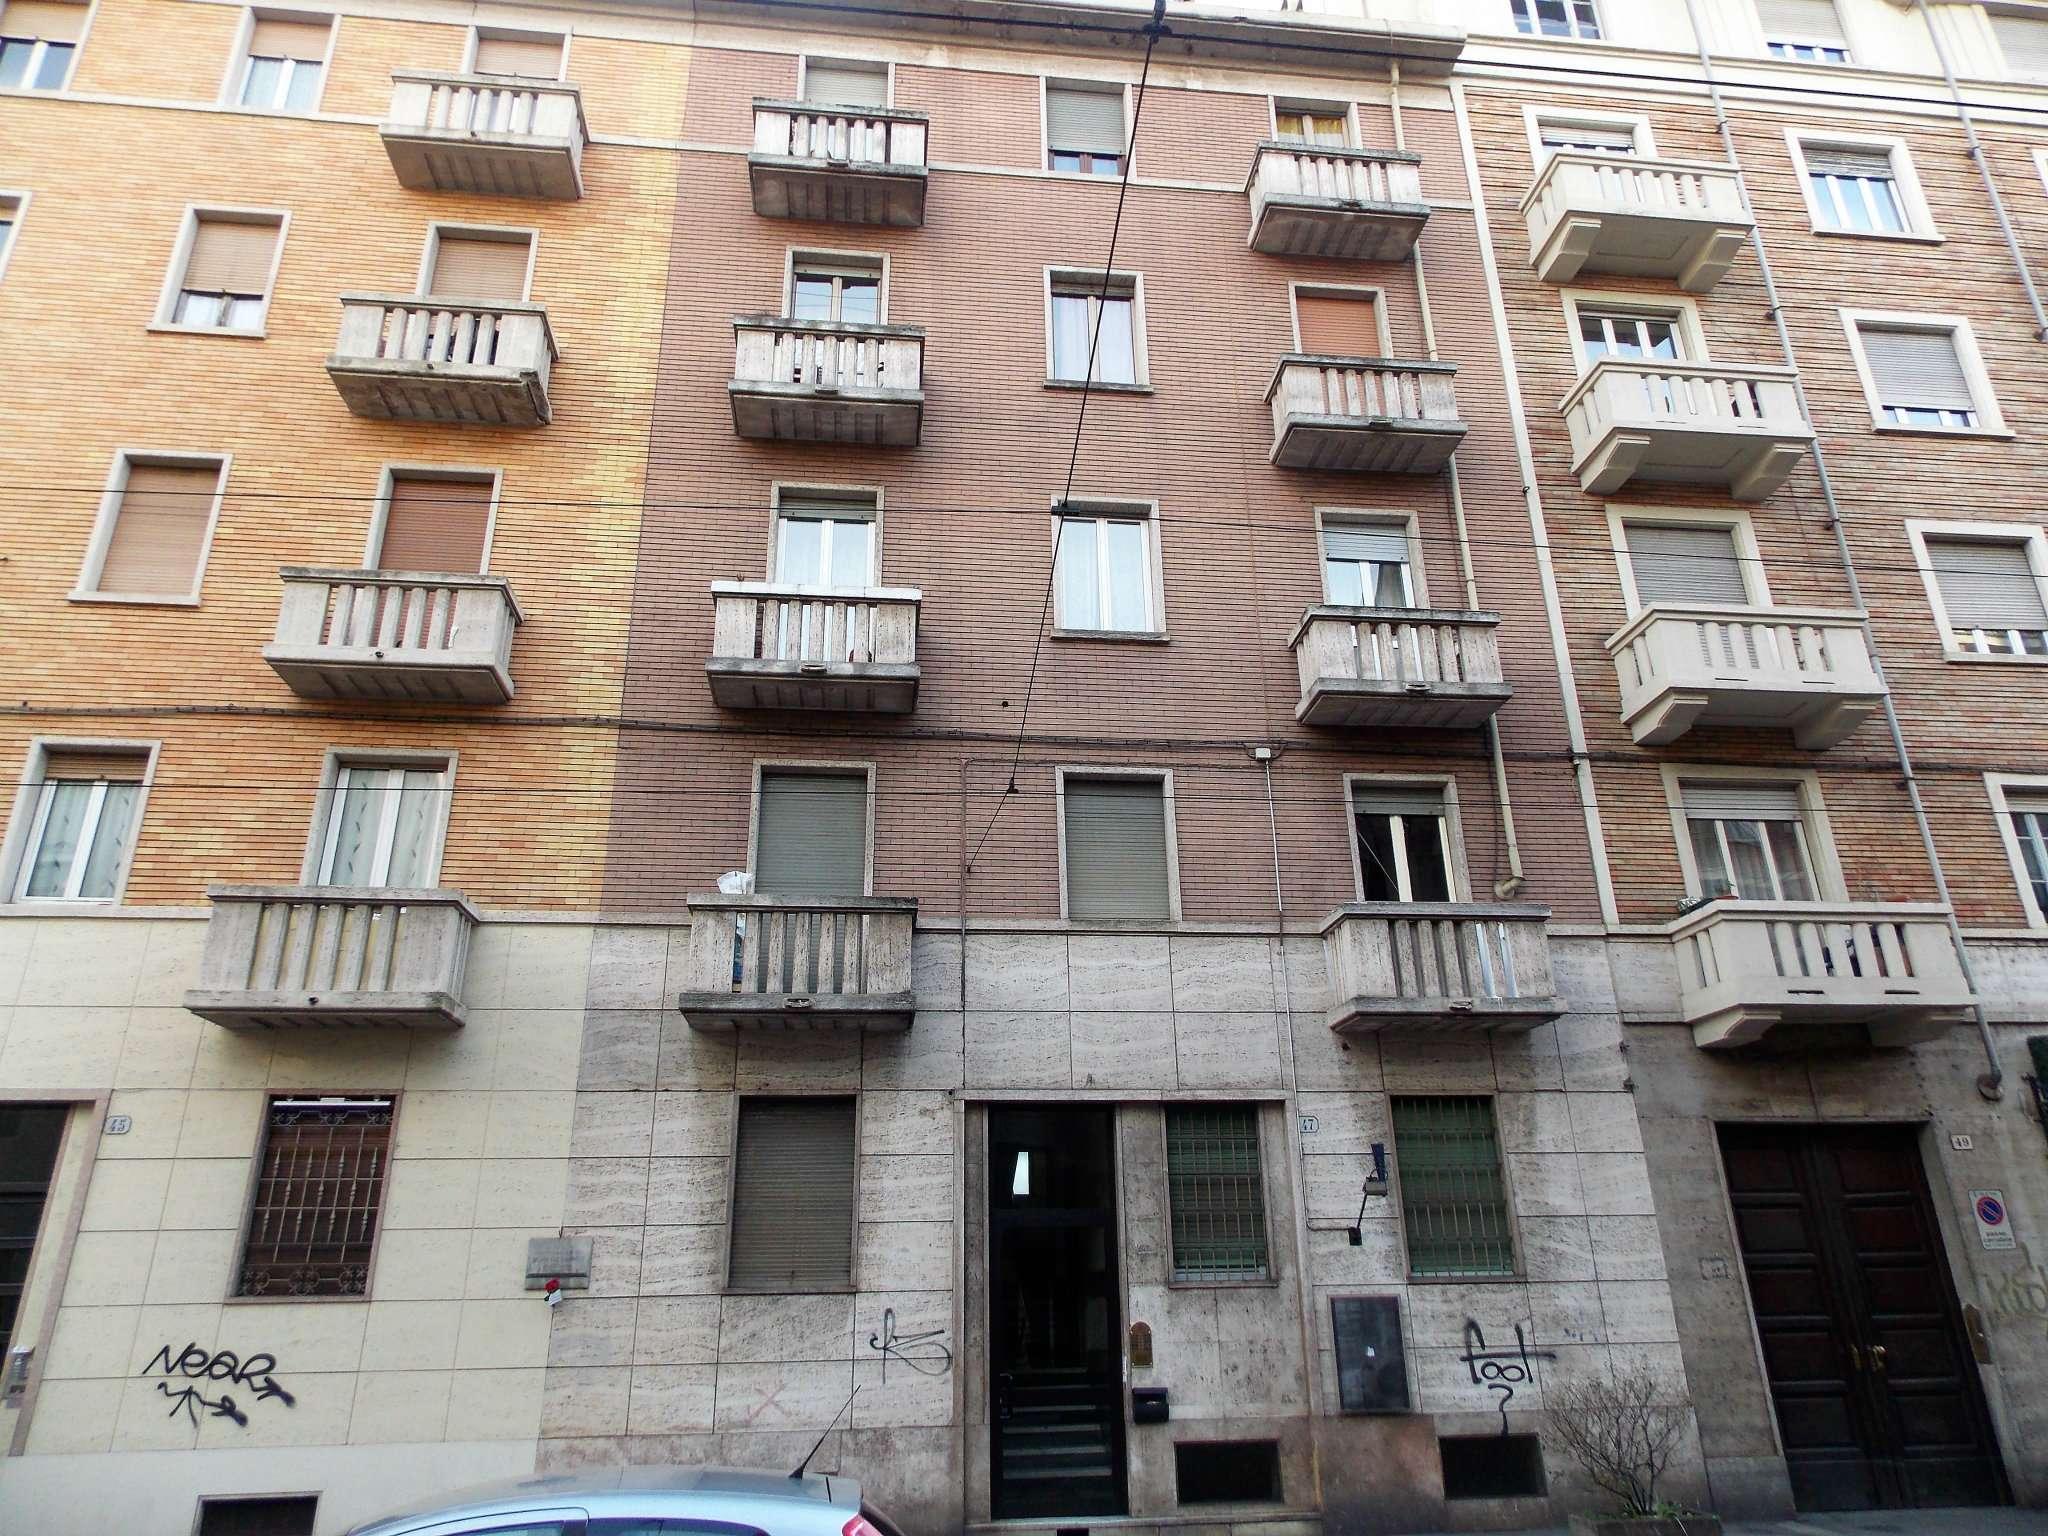 Appartamento in vendita Zona Cit Turin, San Donato, Campidoglio - via Nicola Fabrizi Torino